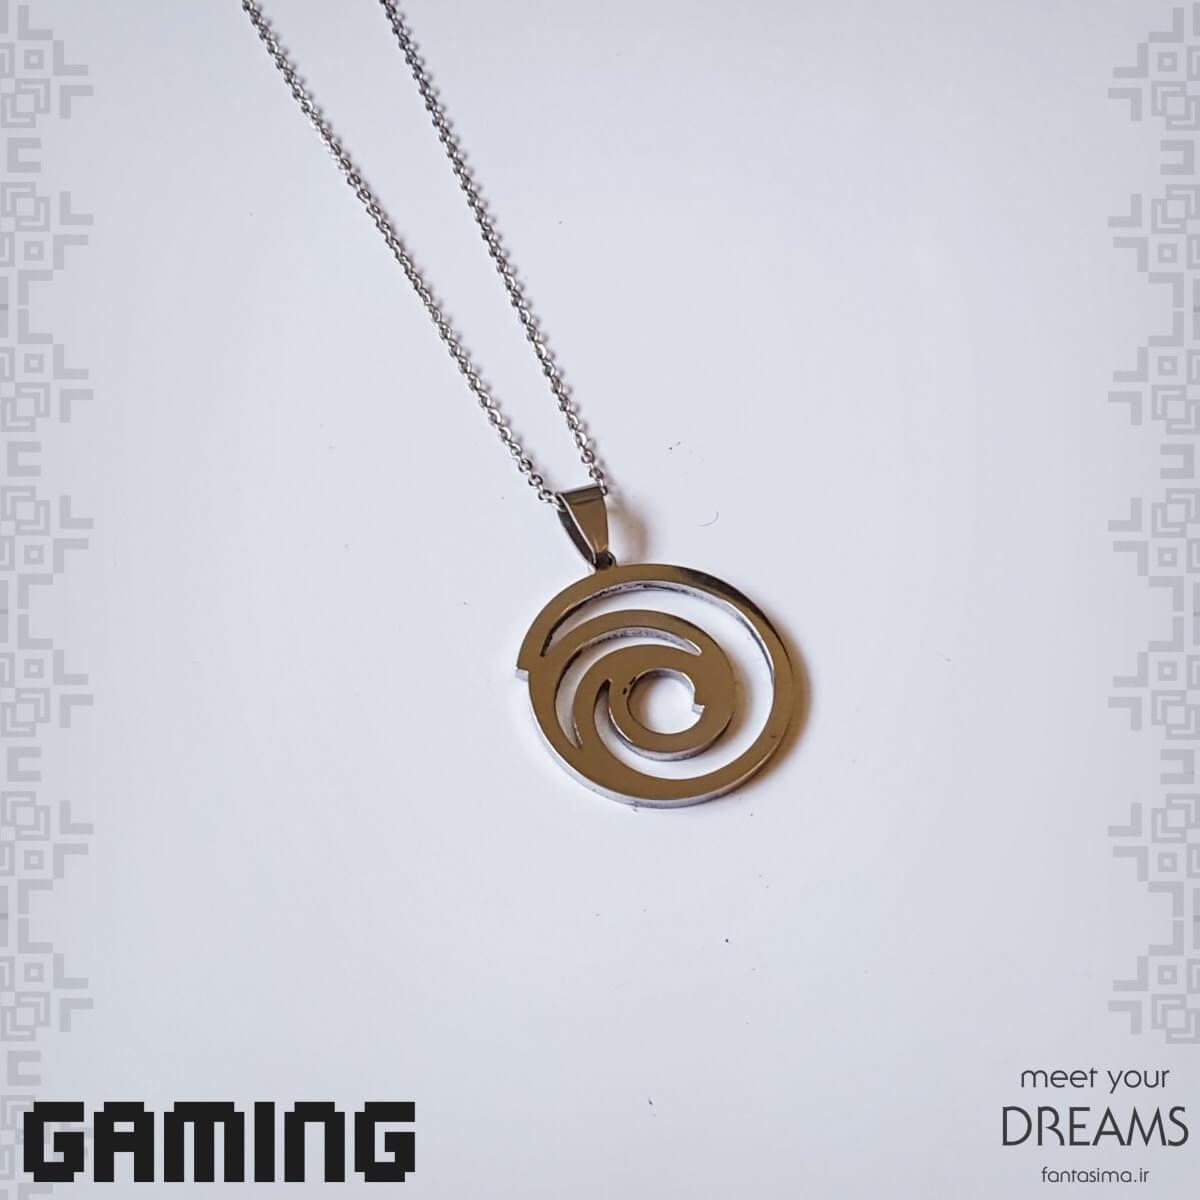 گردنبند استیل نماد یوبی سافت